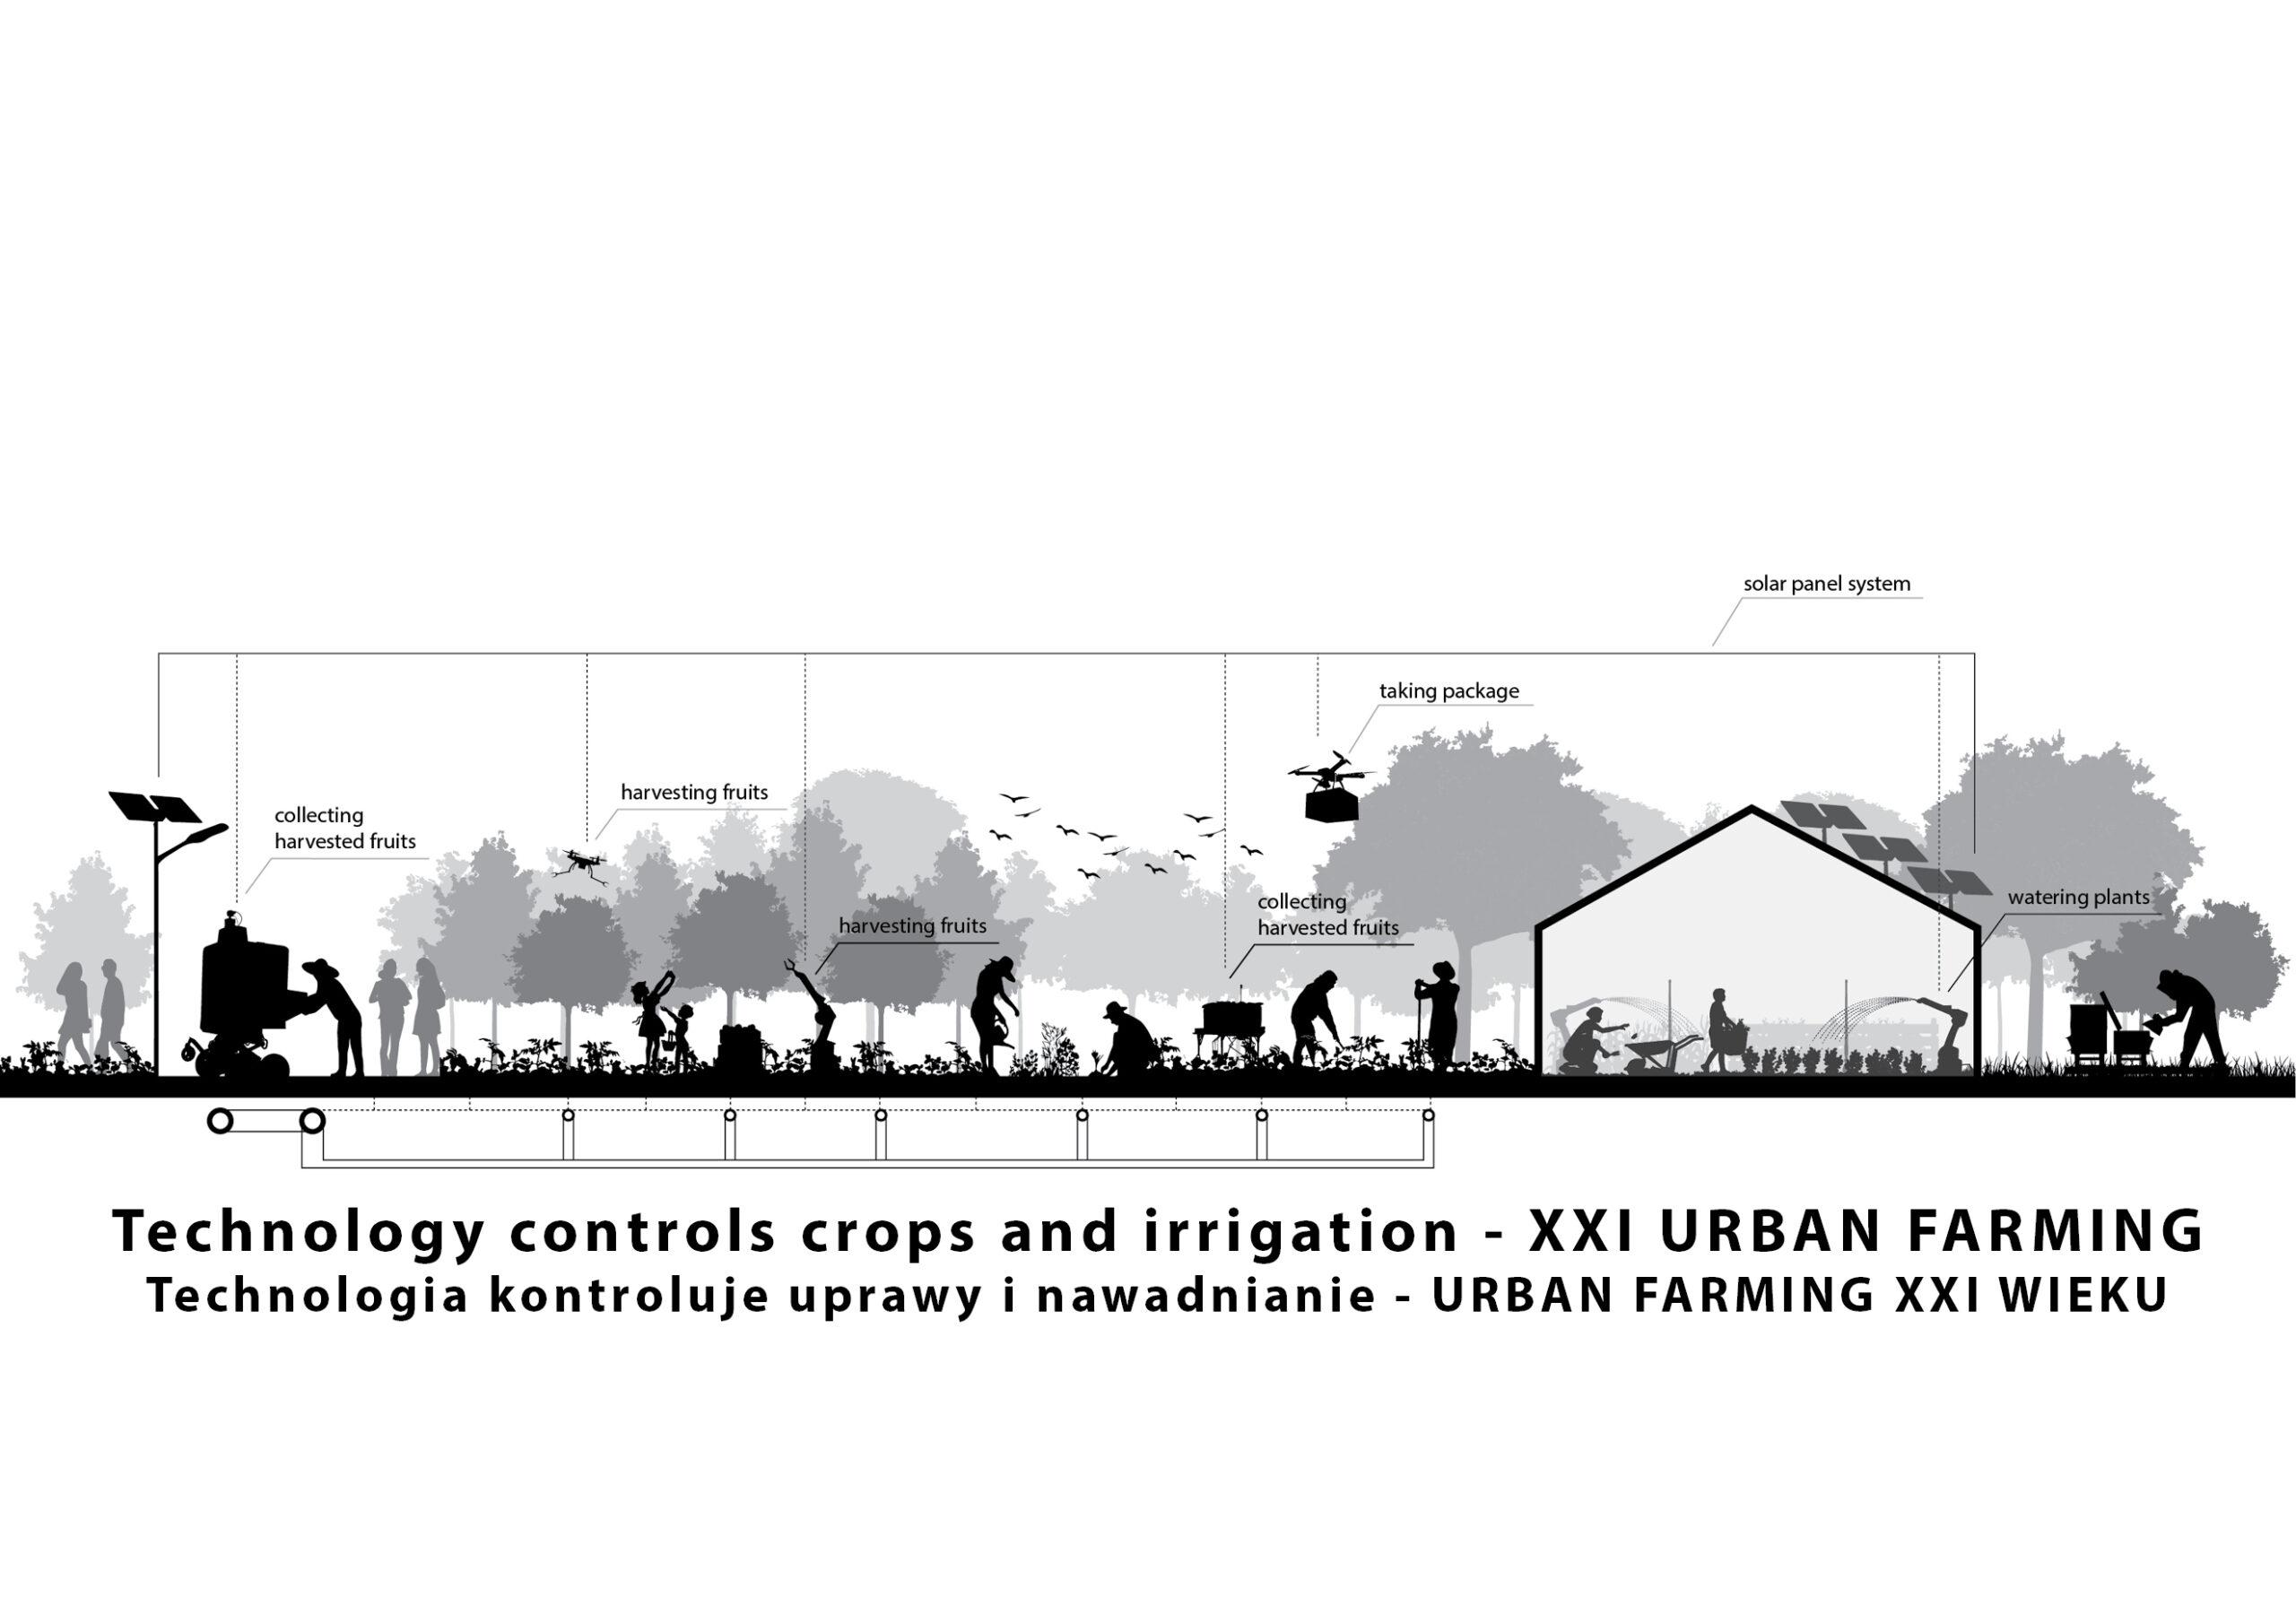 MJZ-Urban-Farming-XXI-Ogrody-Dzialkowe-Przyszlosci14-2